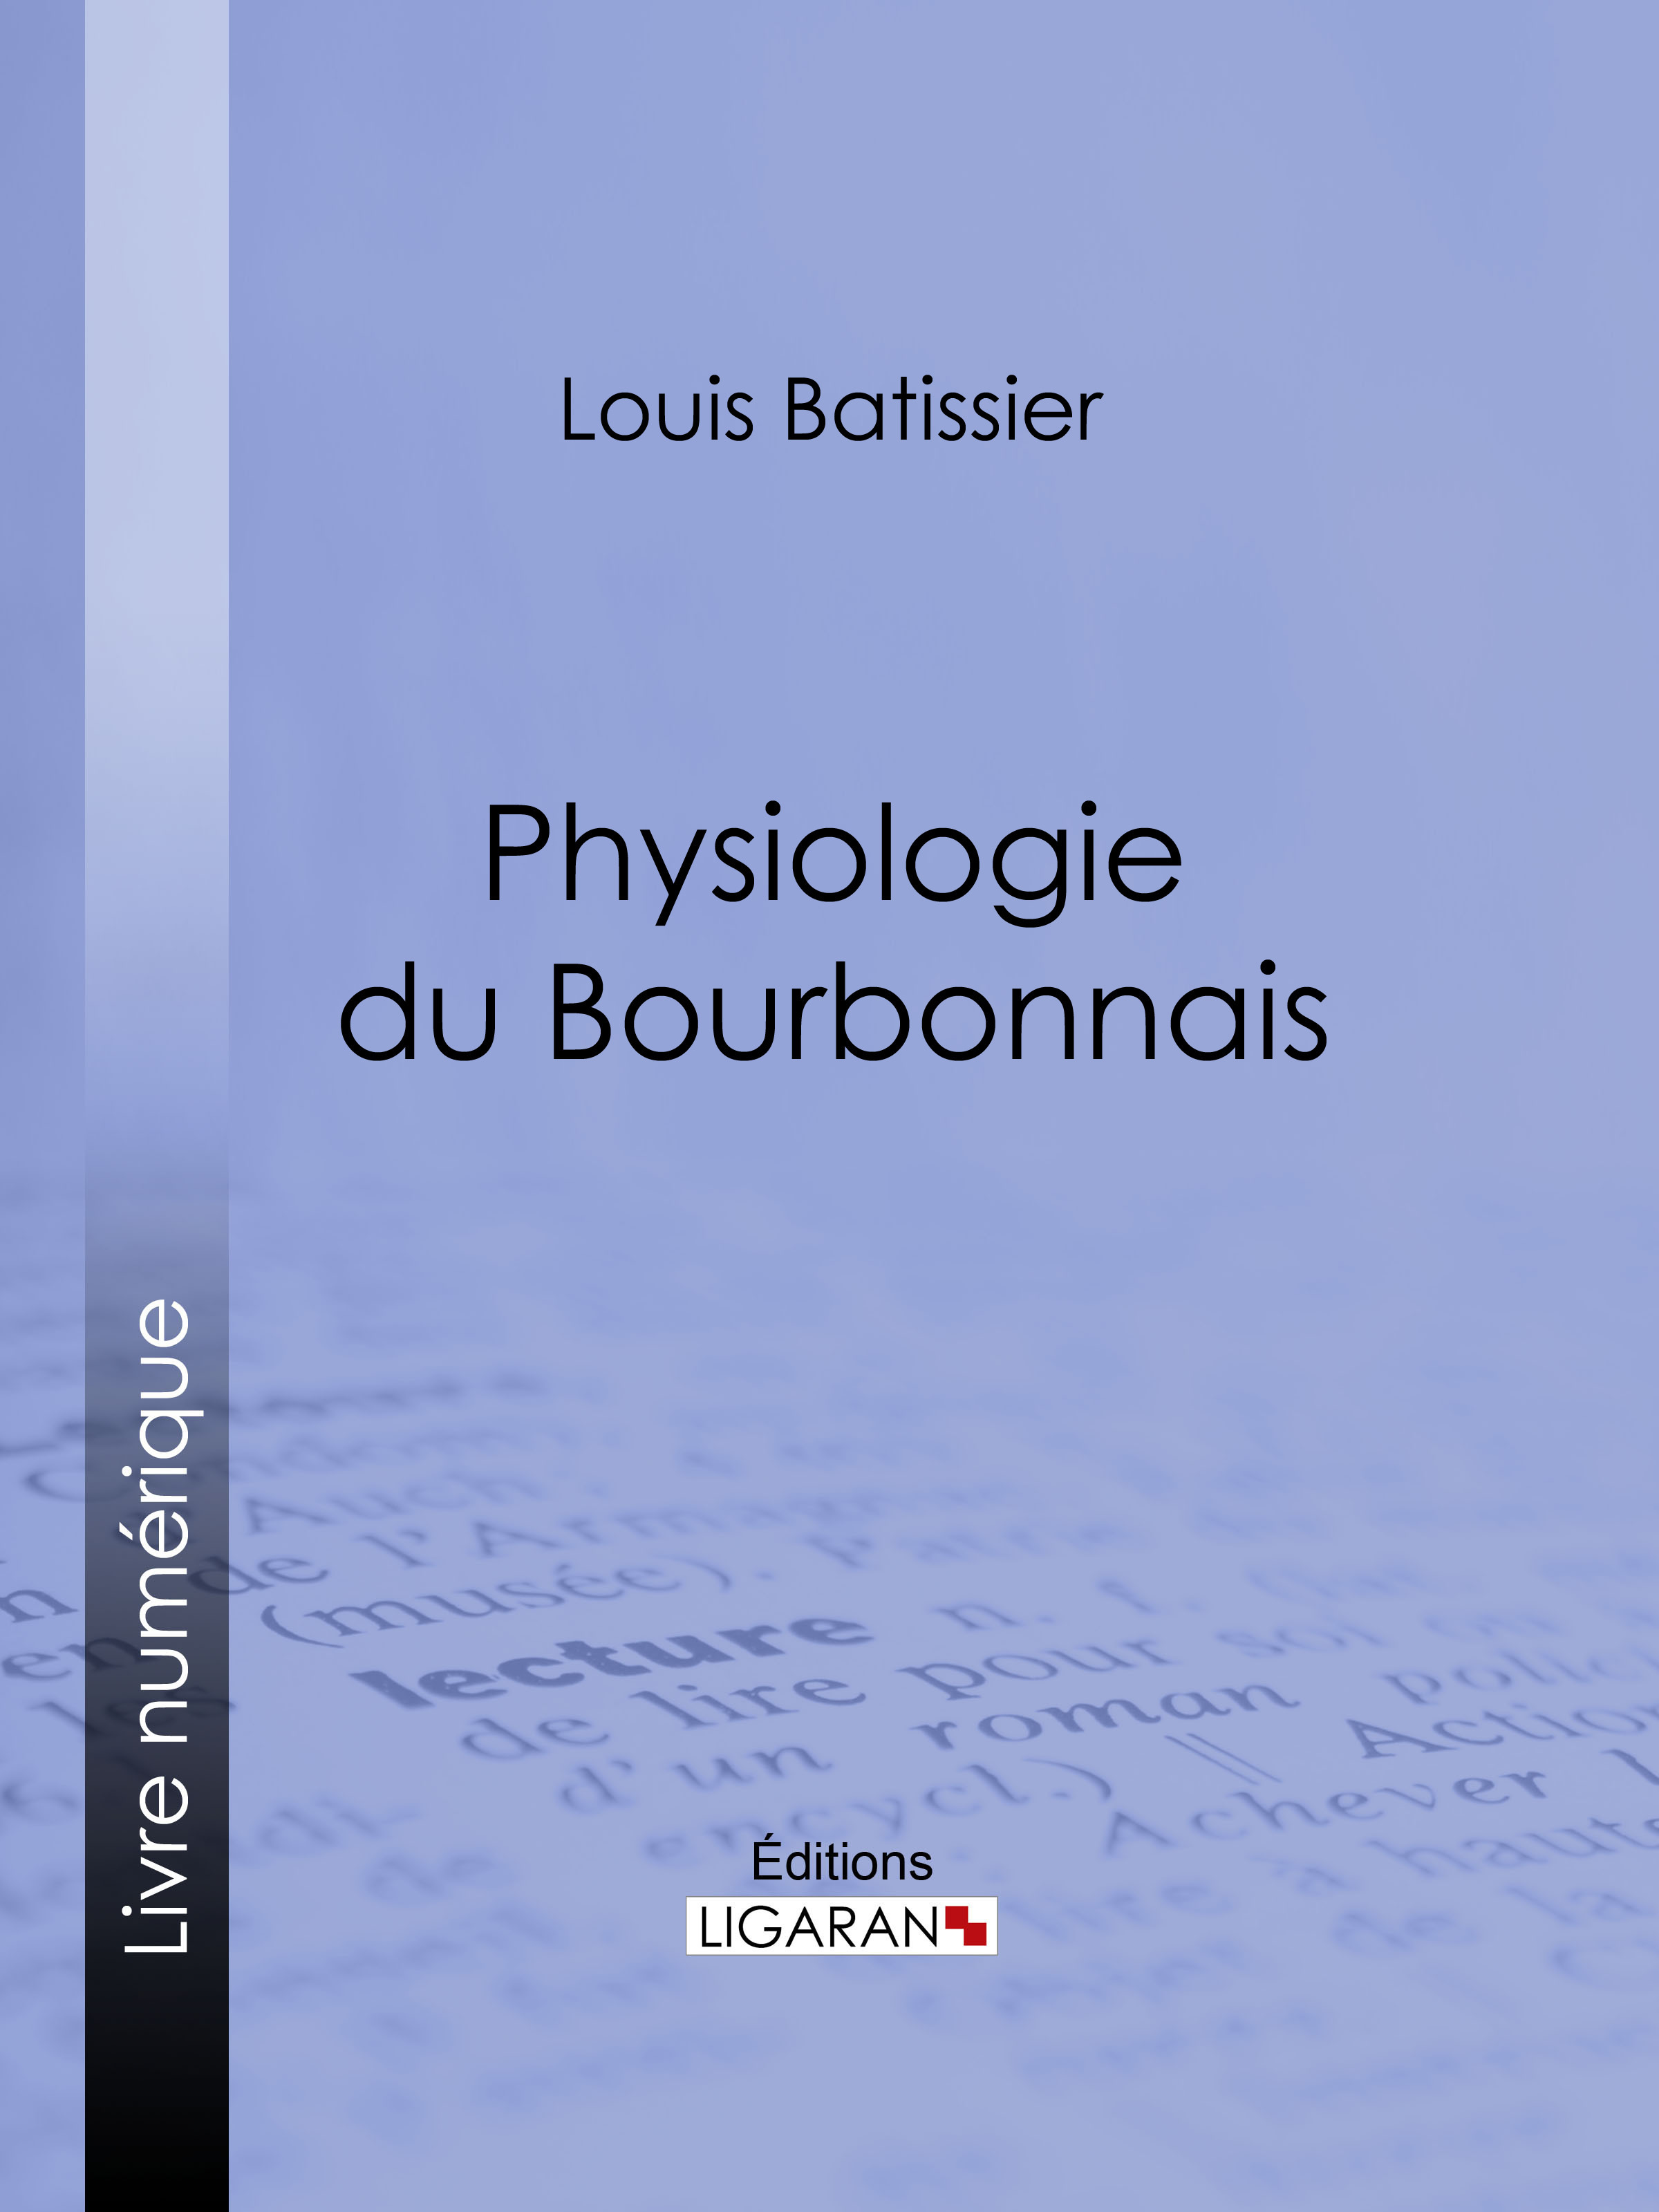 Physiologie du Bourbonnais